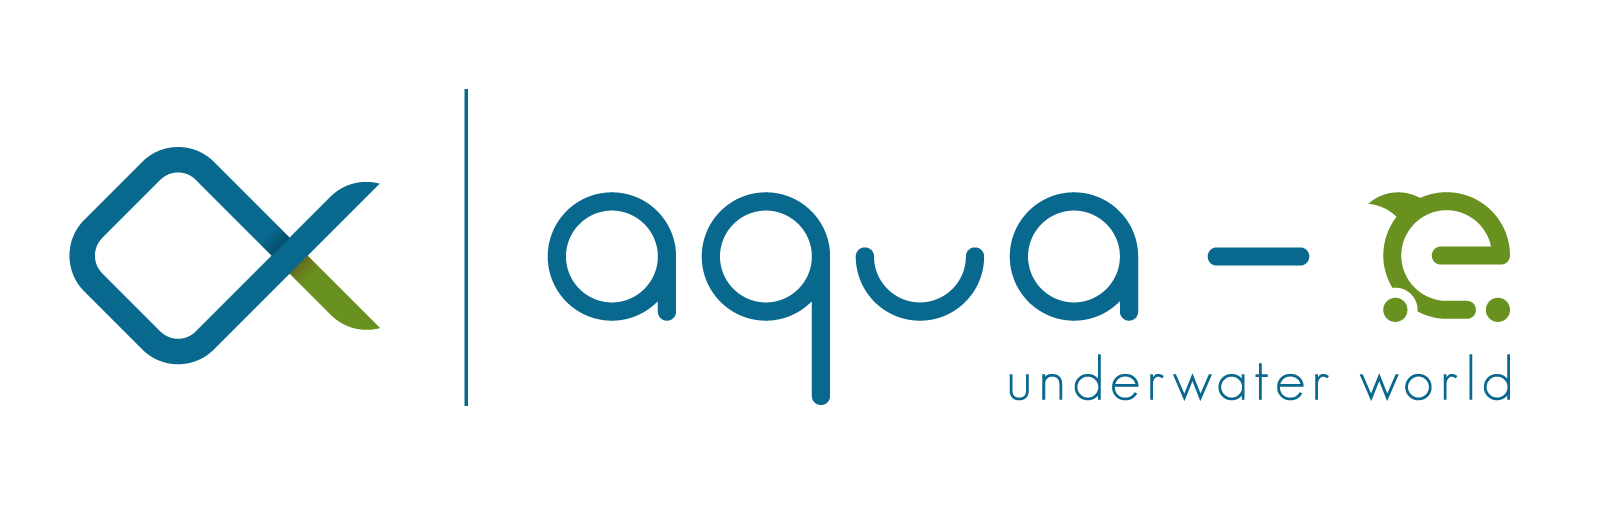 aqua-e-logo-1527102642.jpg